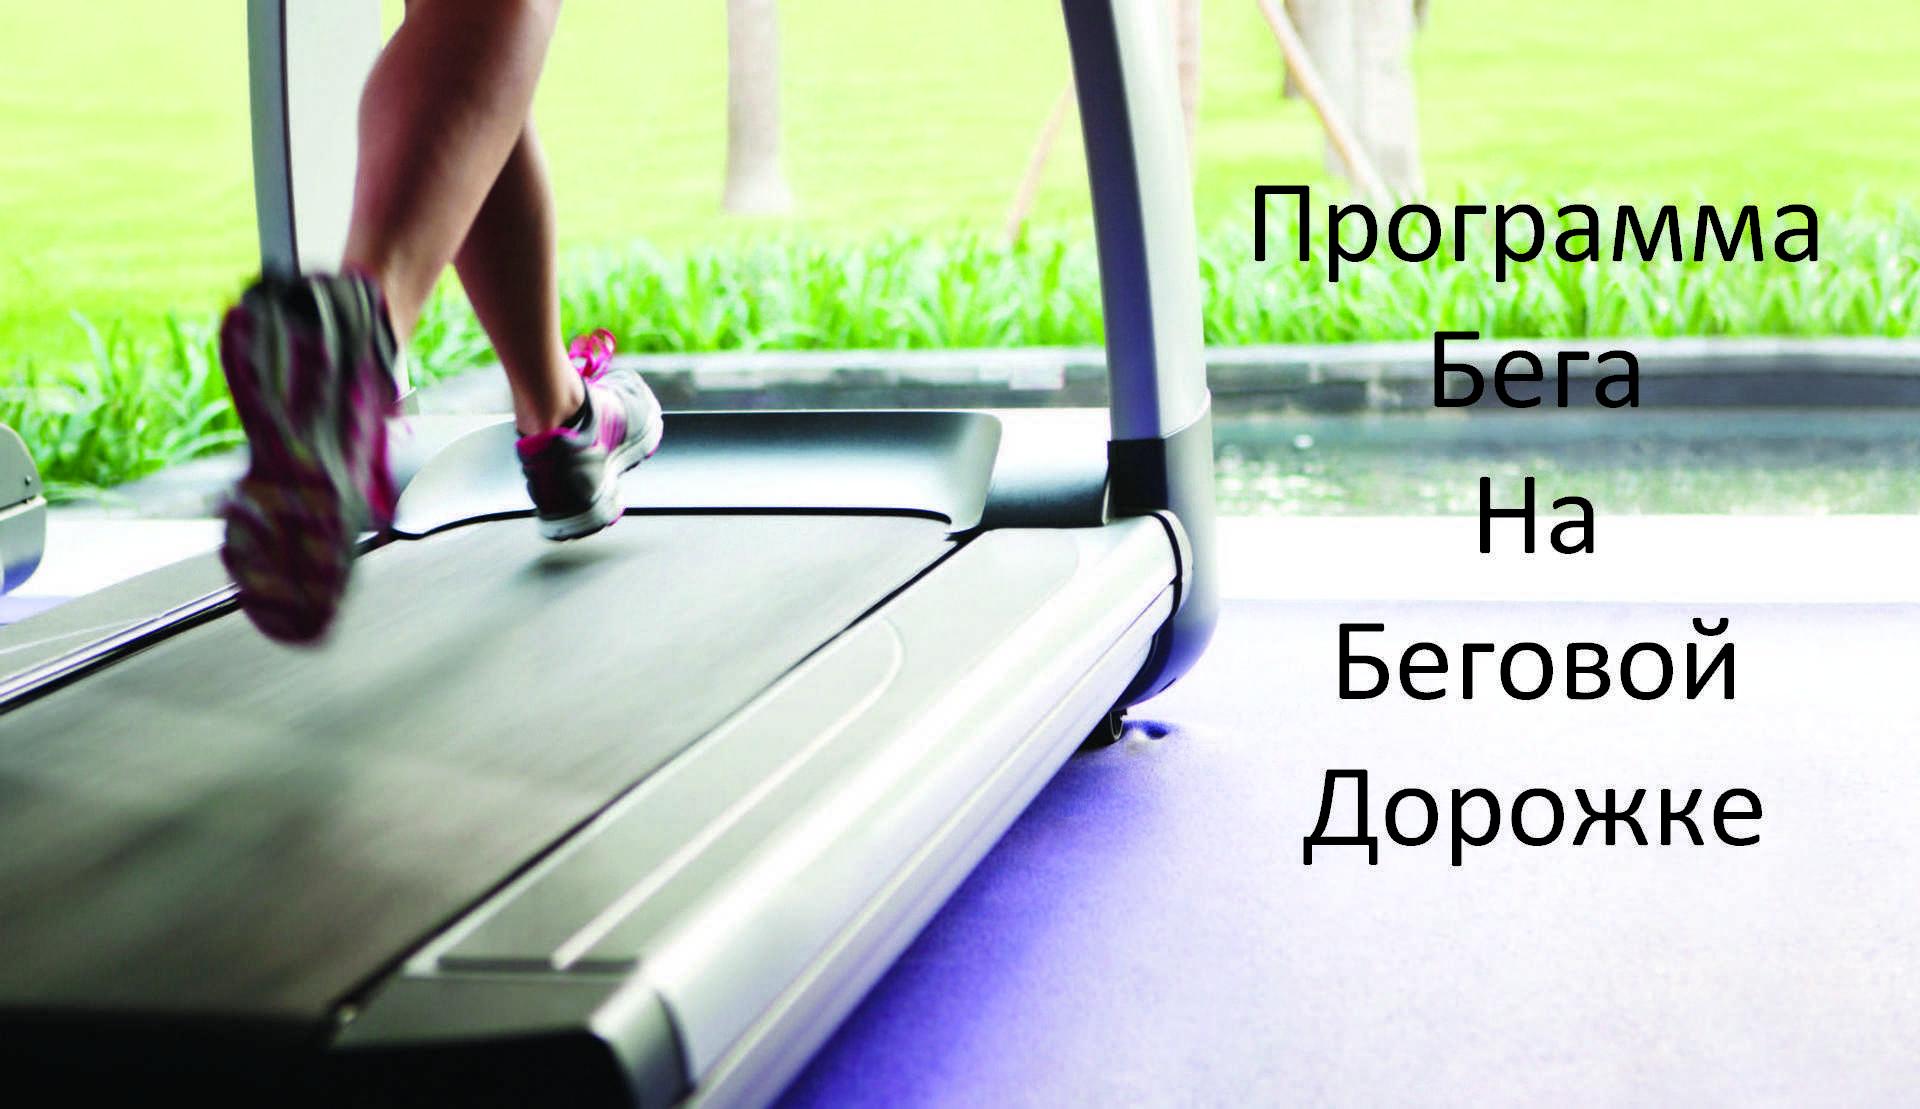 Программа бега на беговой дорожке. Упражнения